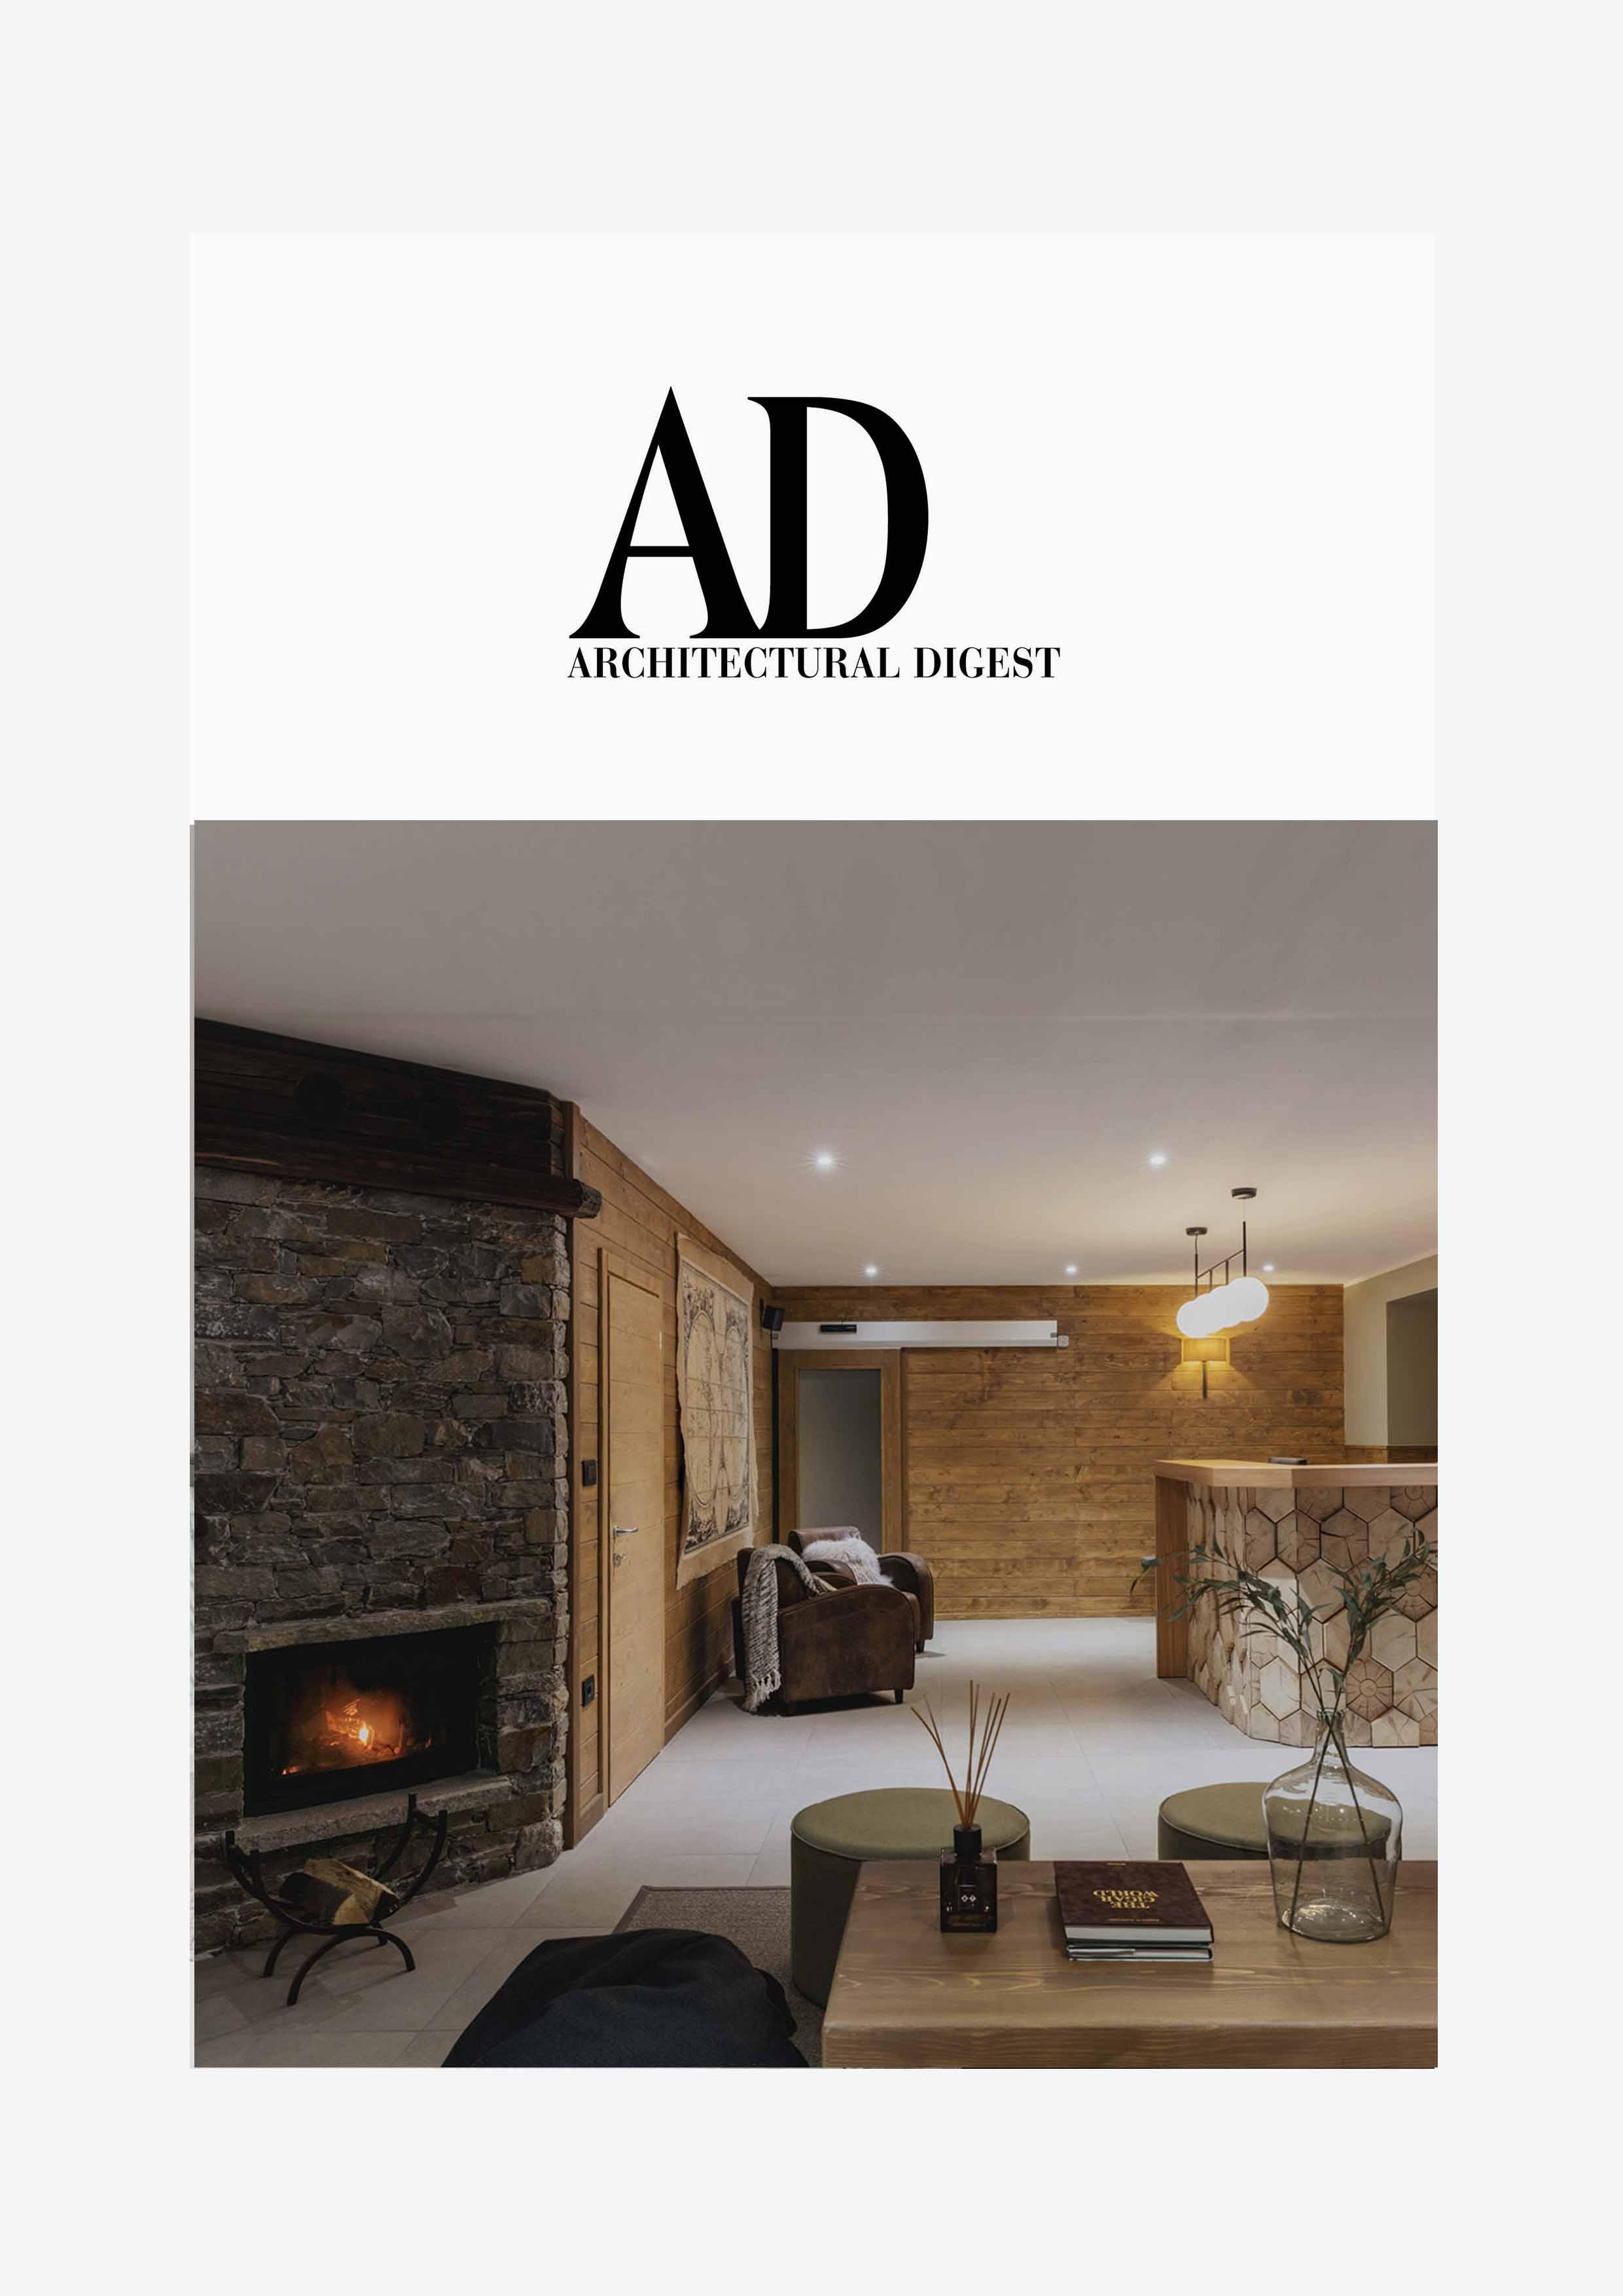 Architectural Digest Miramonti Boxx Creative Interior Designers.jpg